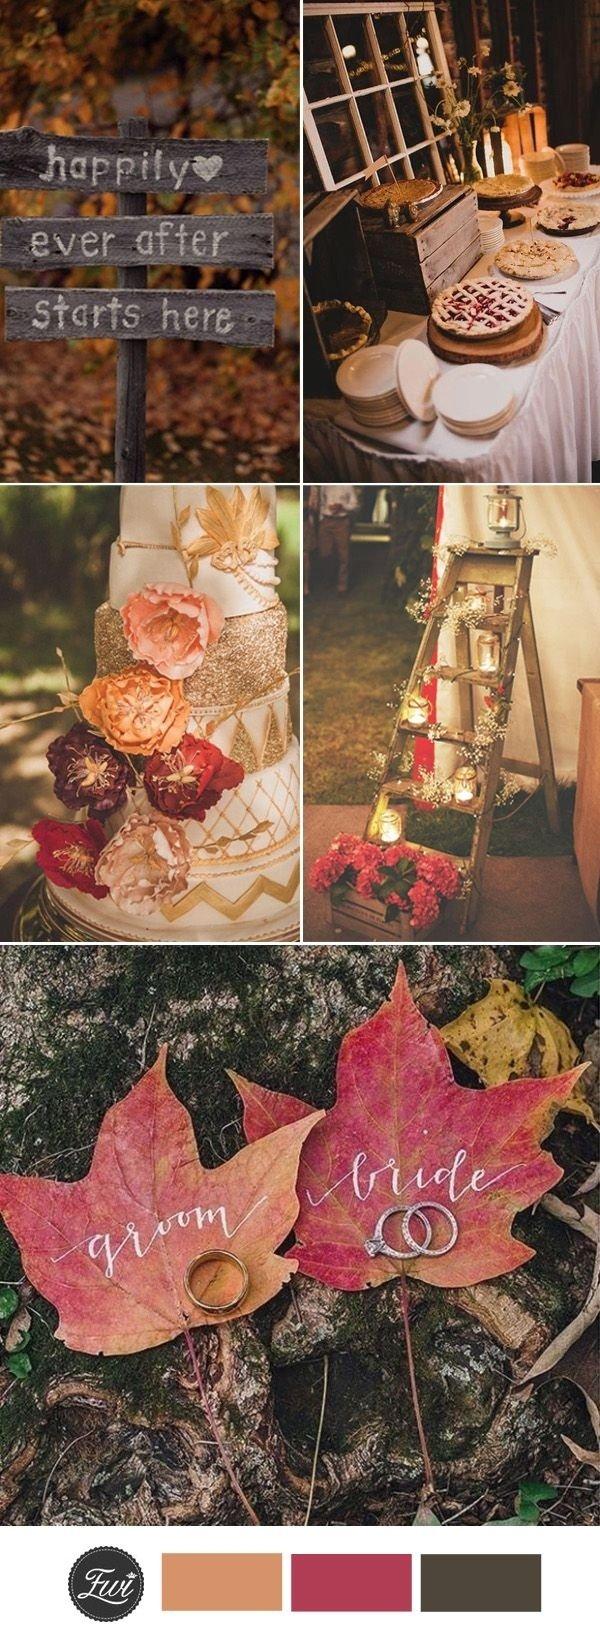 10 Wonderful Wedding Theme Ideas For Fall 41 best fall wedding ideas images on pinterest fall wedding 2020